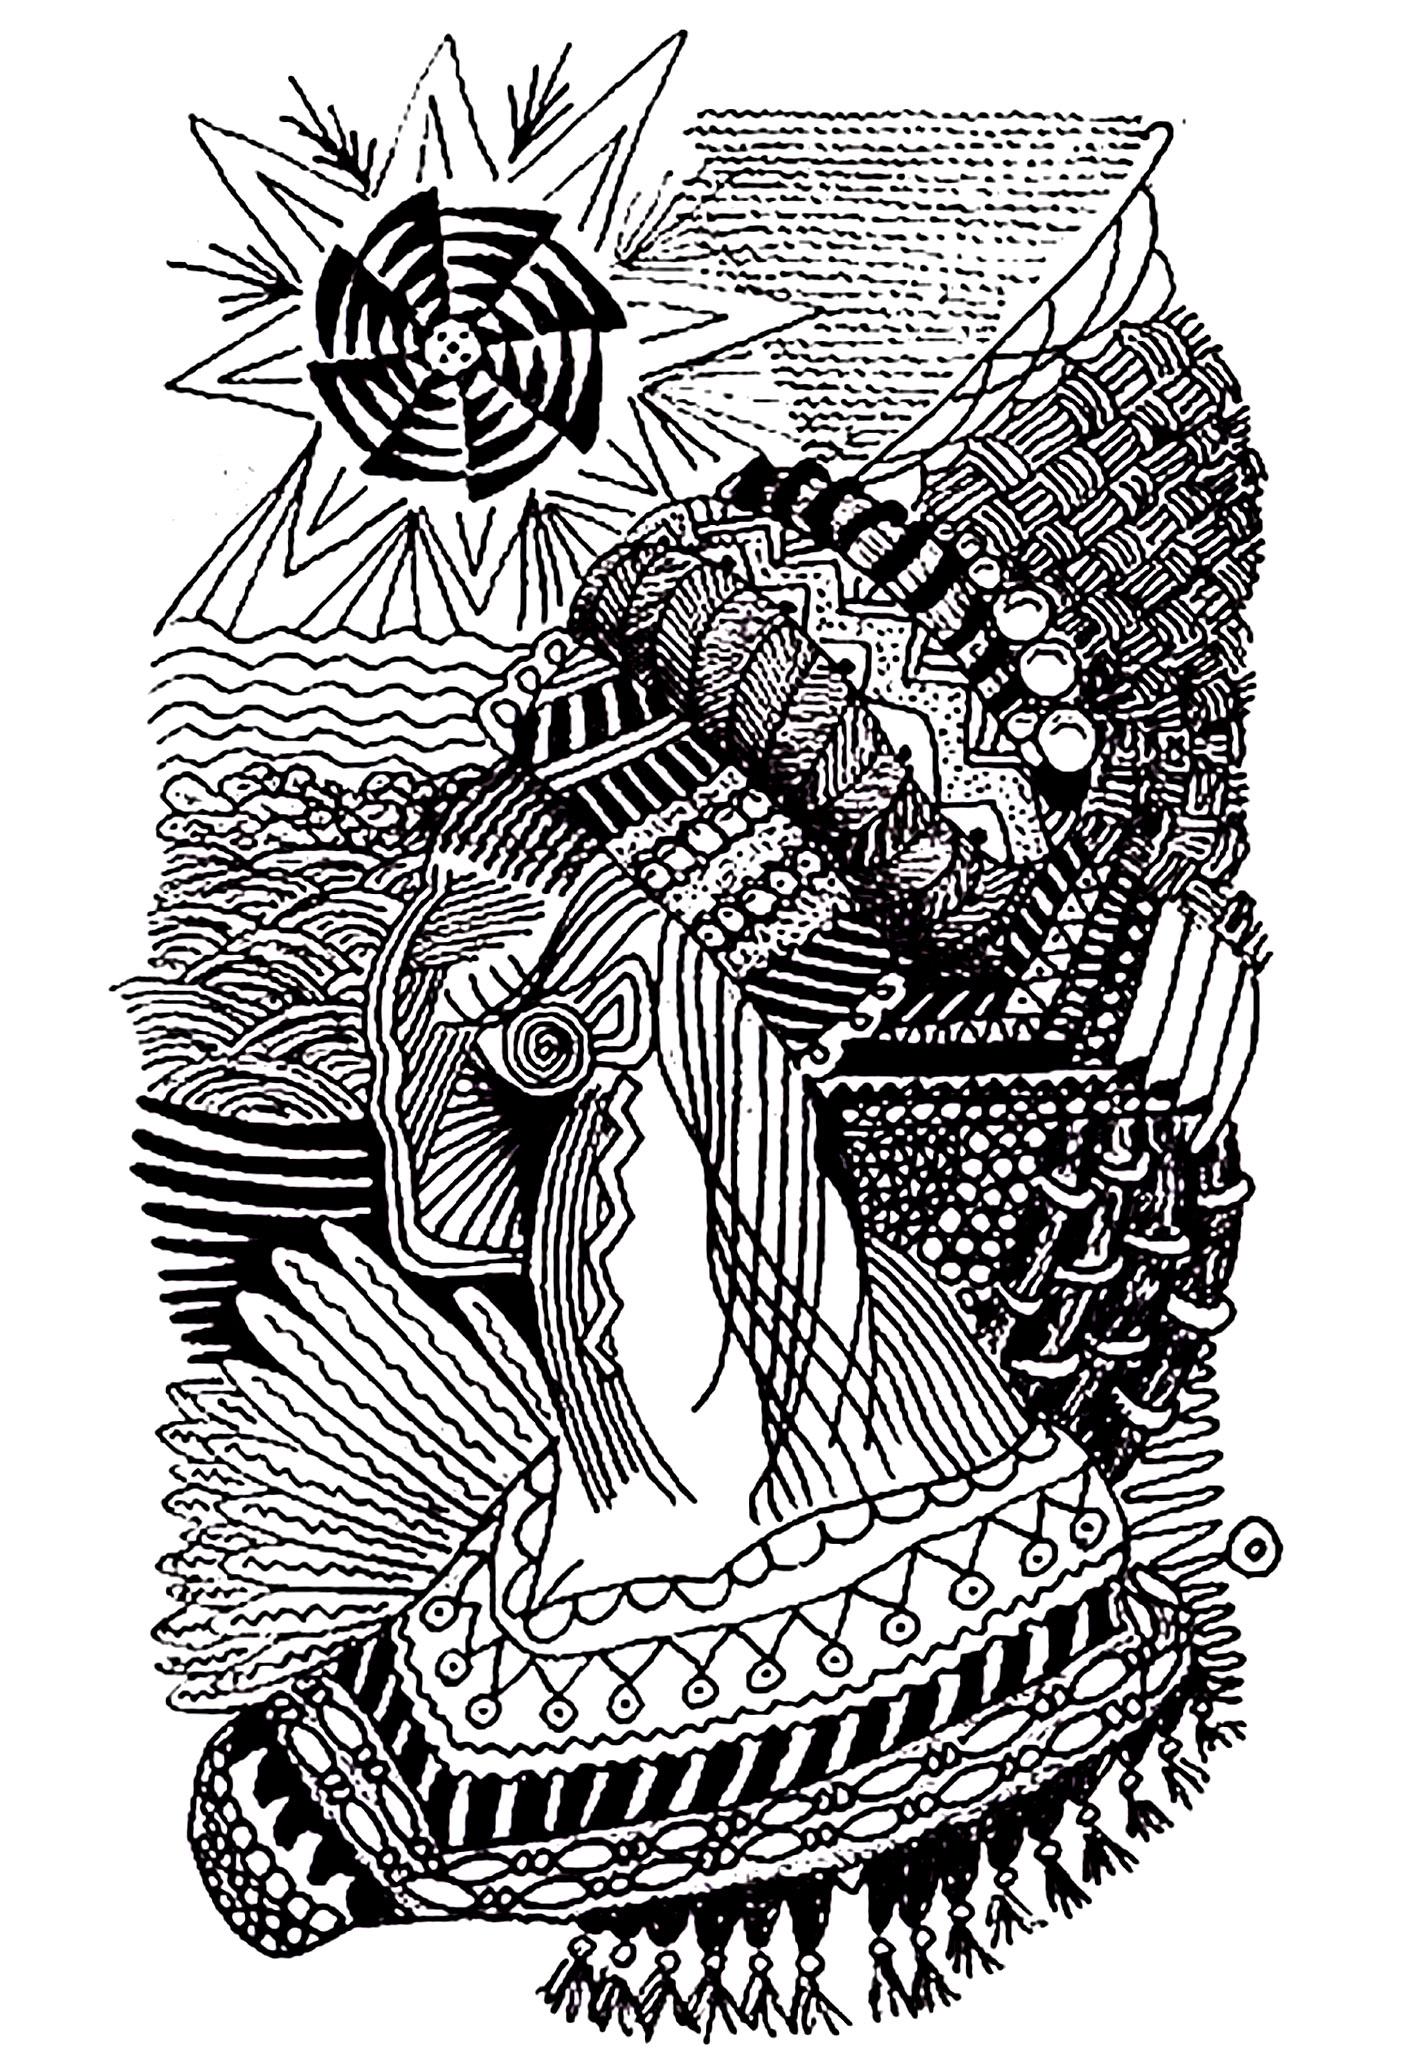 Dessin d'une femme africaine, utilisant des motifs zentangle